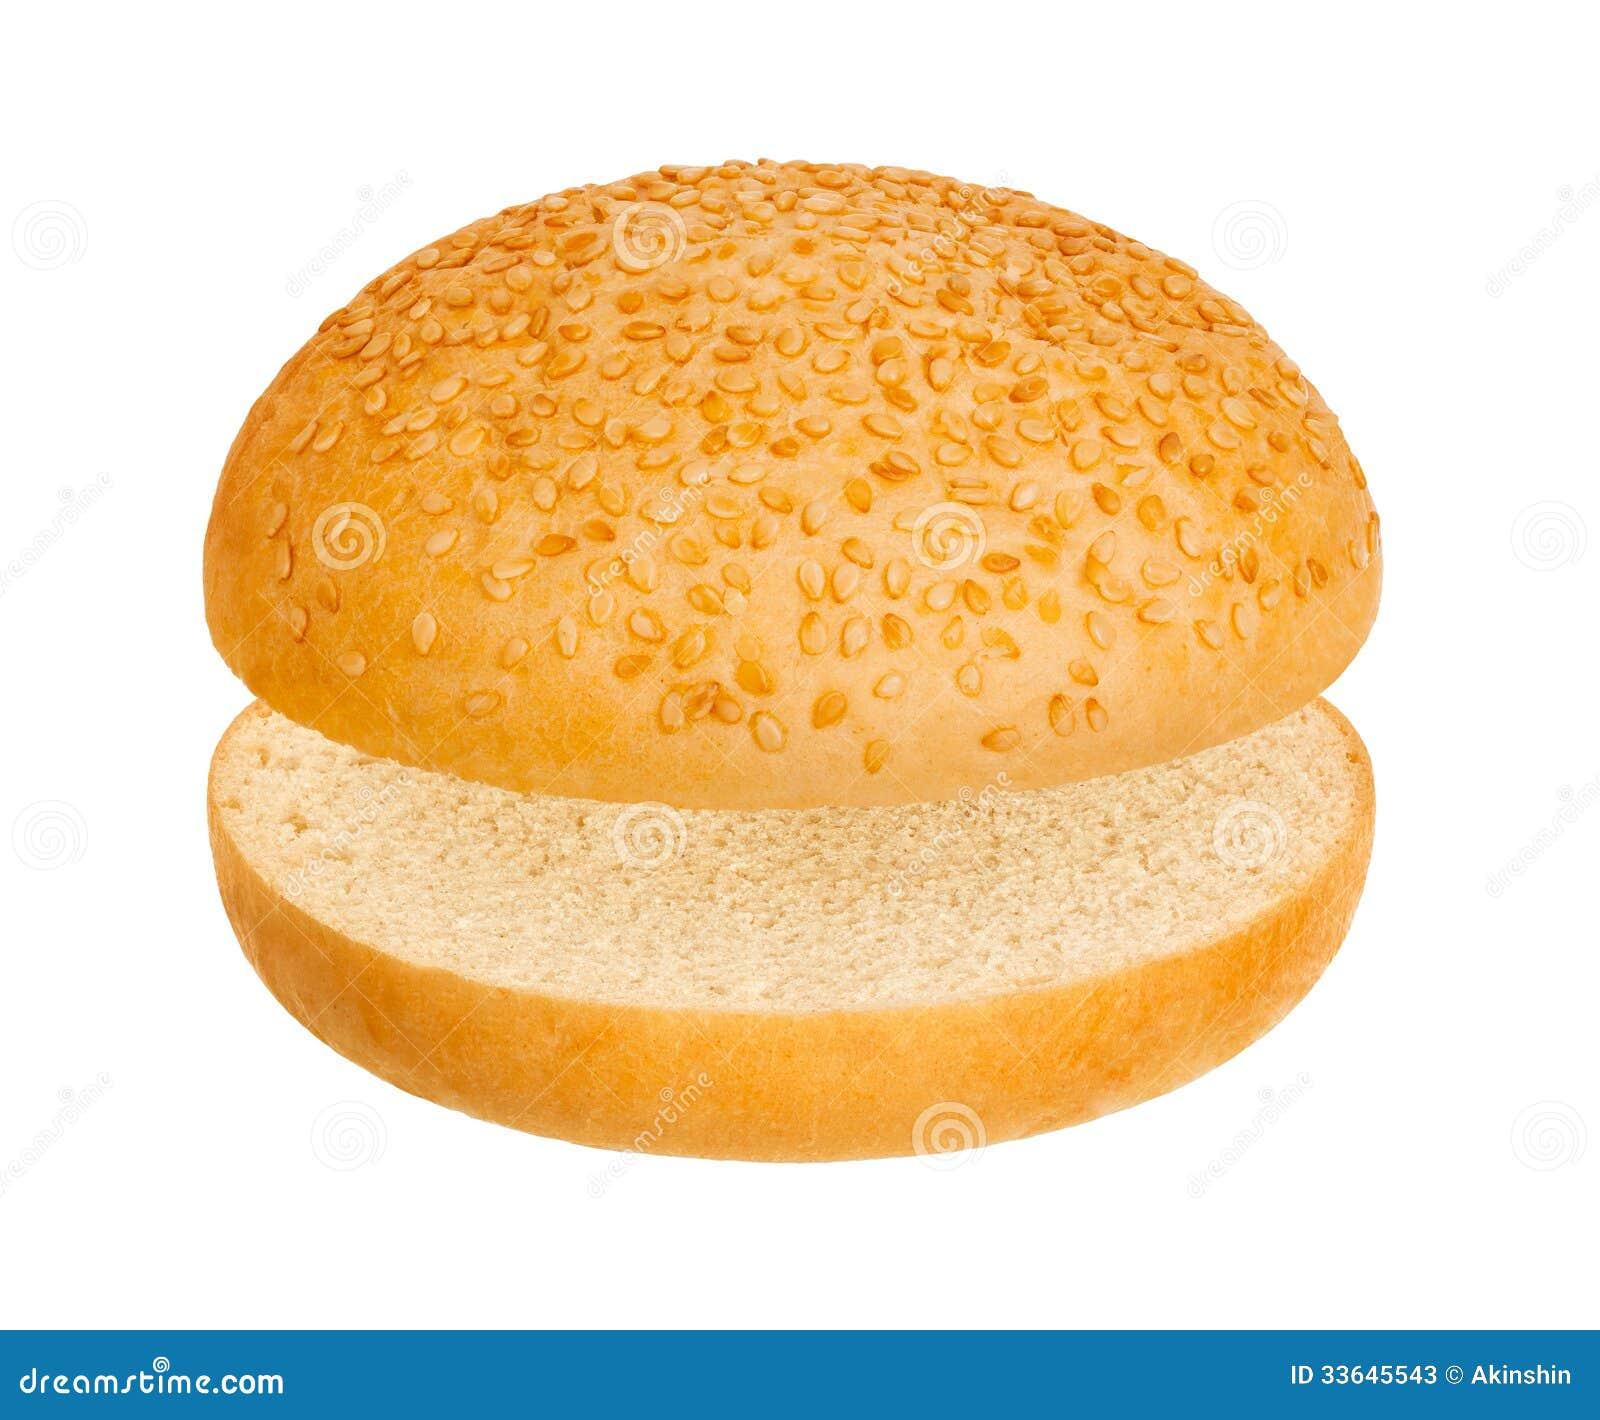 Hamburger Bun Stock Photos - Image: 33645543